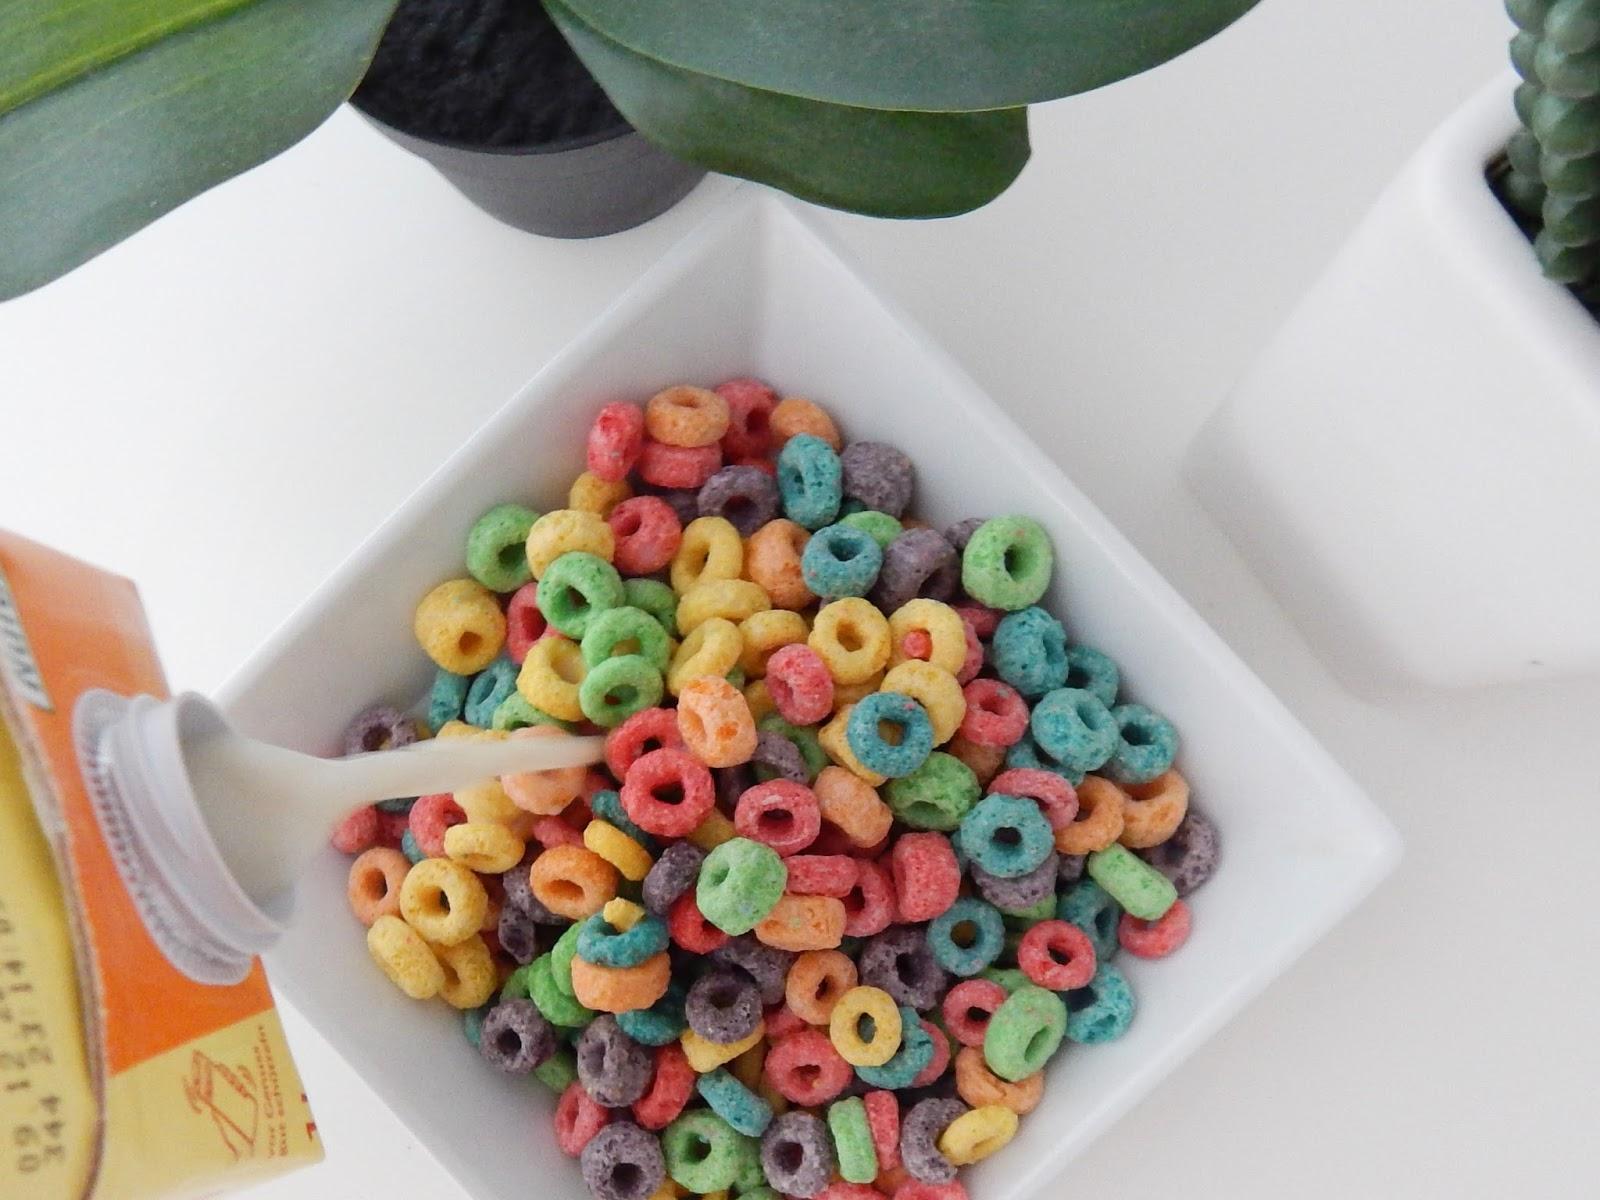 kolorowe płatki śniadaniowe